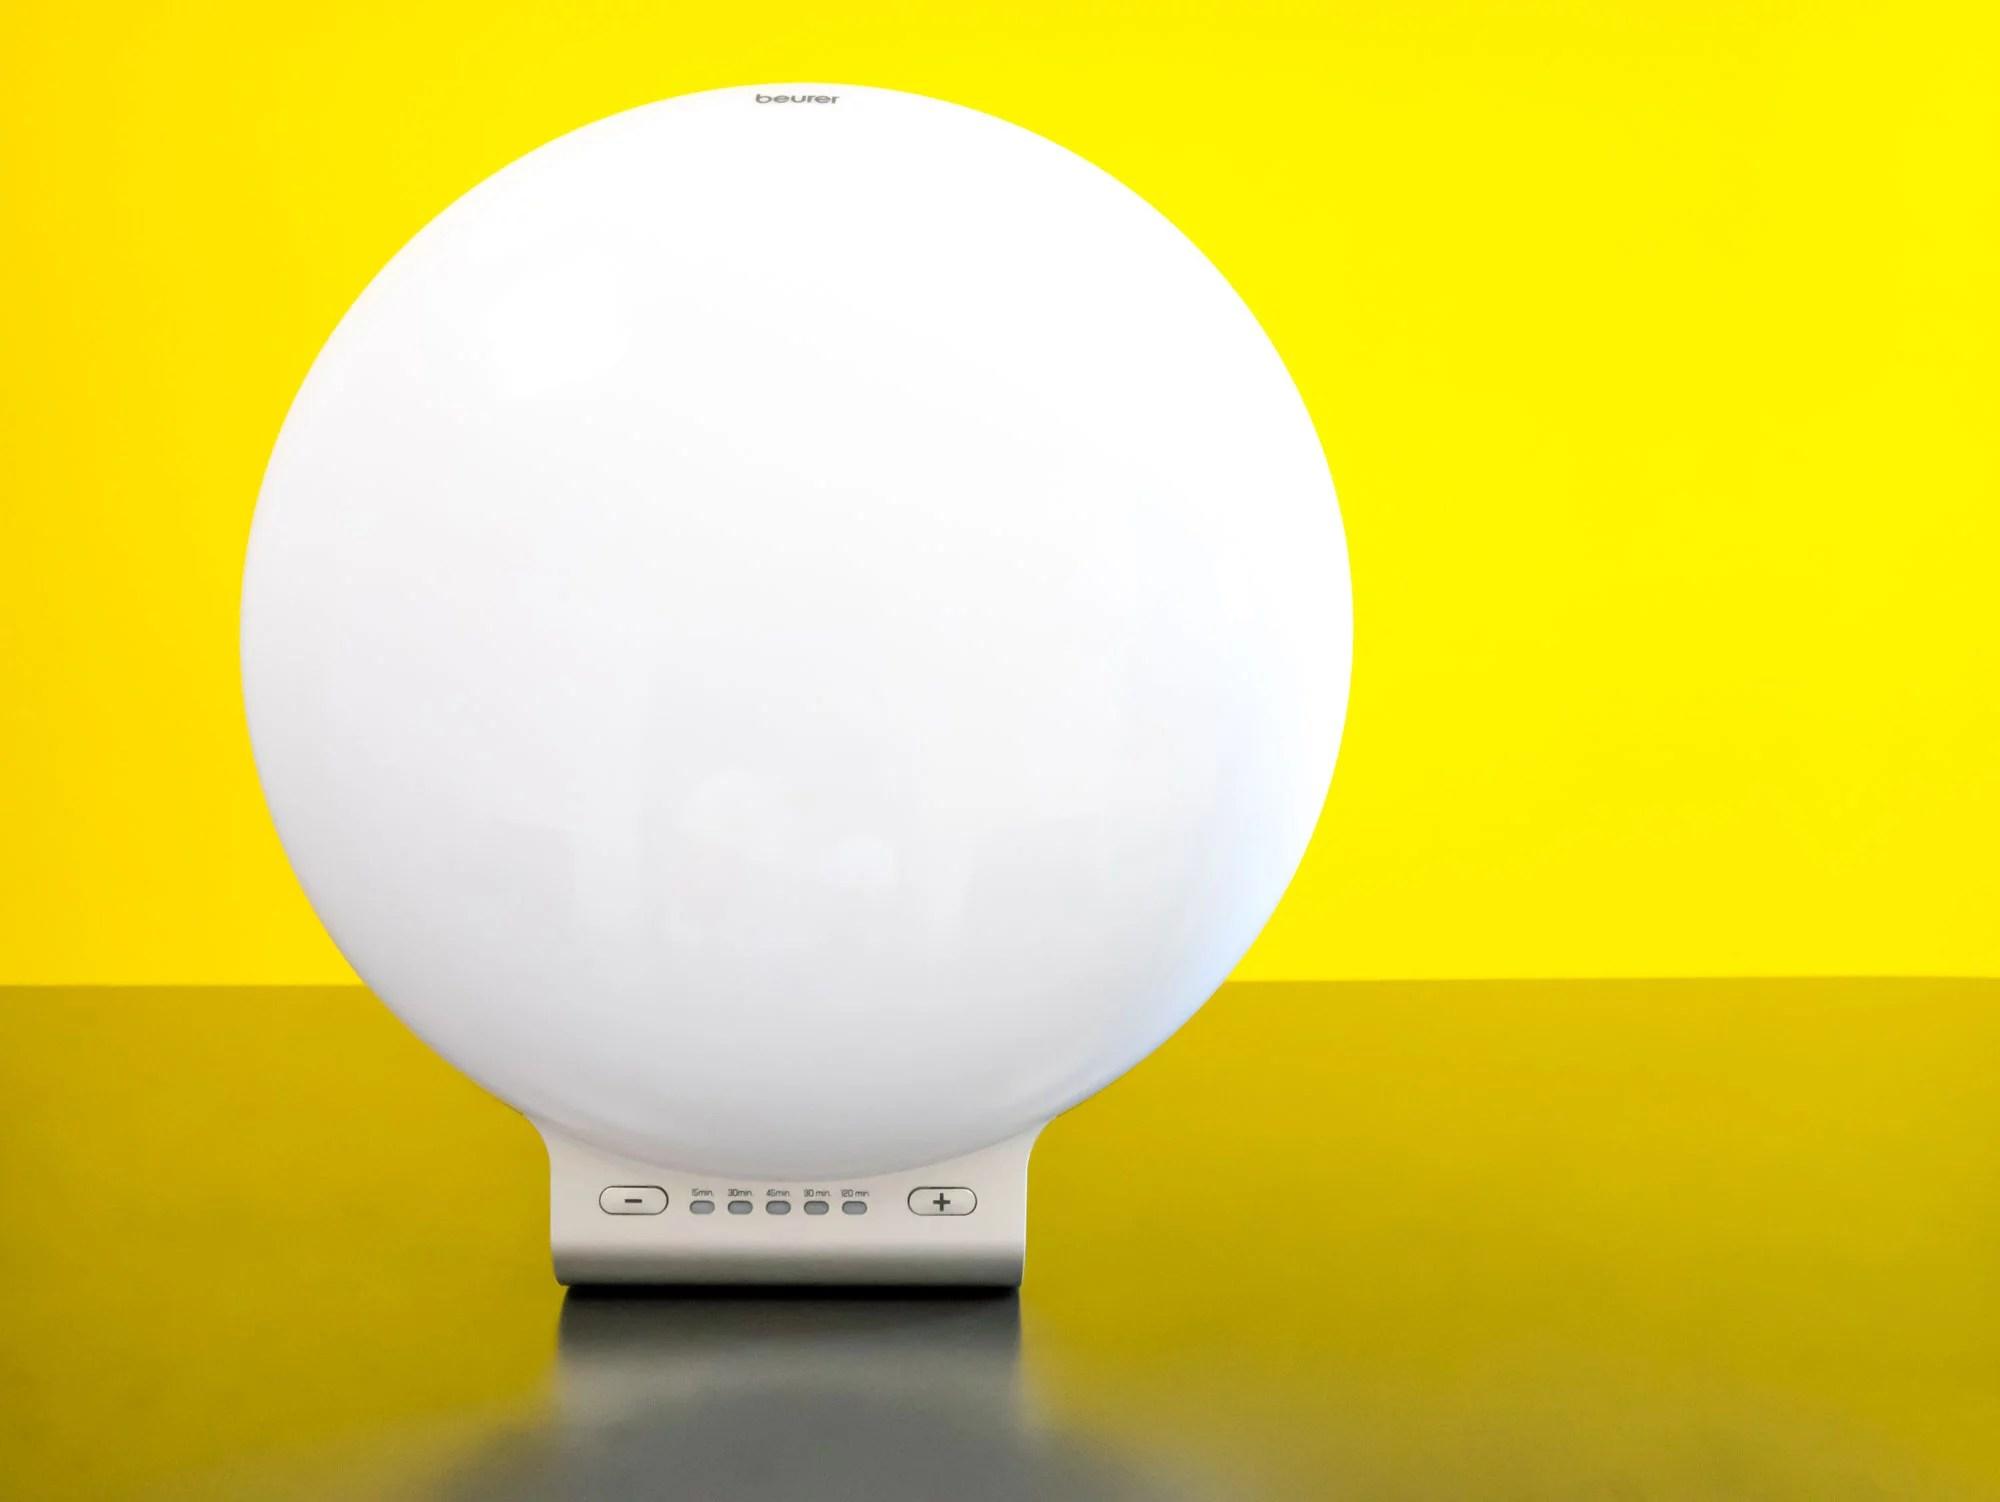 Lampe De Luminotherapie Mon Avis Sur La Marque Beurer Get A Life